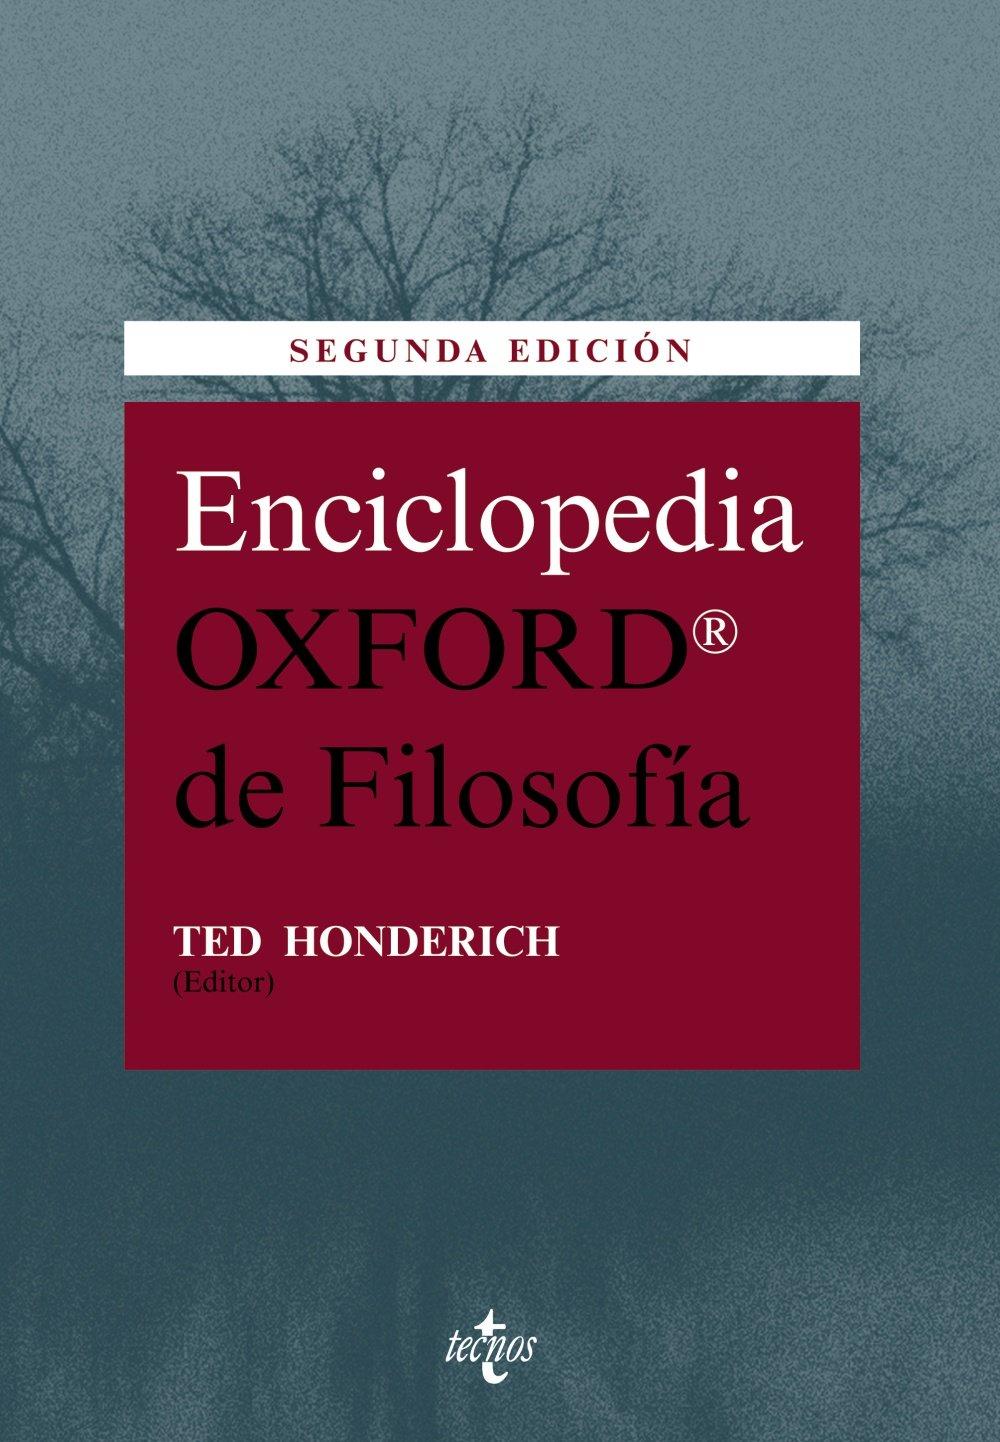 Enciclopedia Oxford de Filosofía Filosofía - Filosofía y Ensayo: Amazon.es: Honderich, Ted, García Trevijano, Carmen: Libros